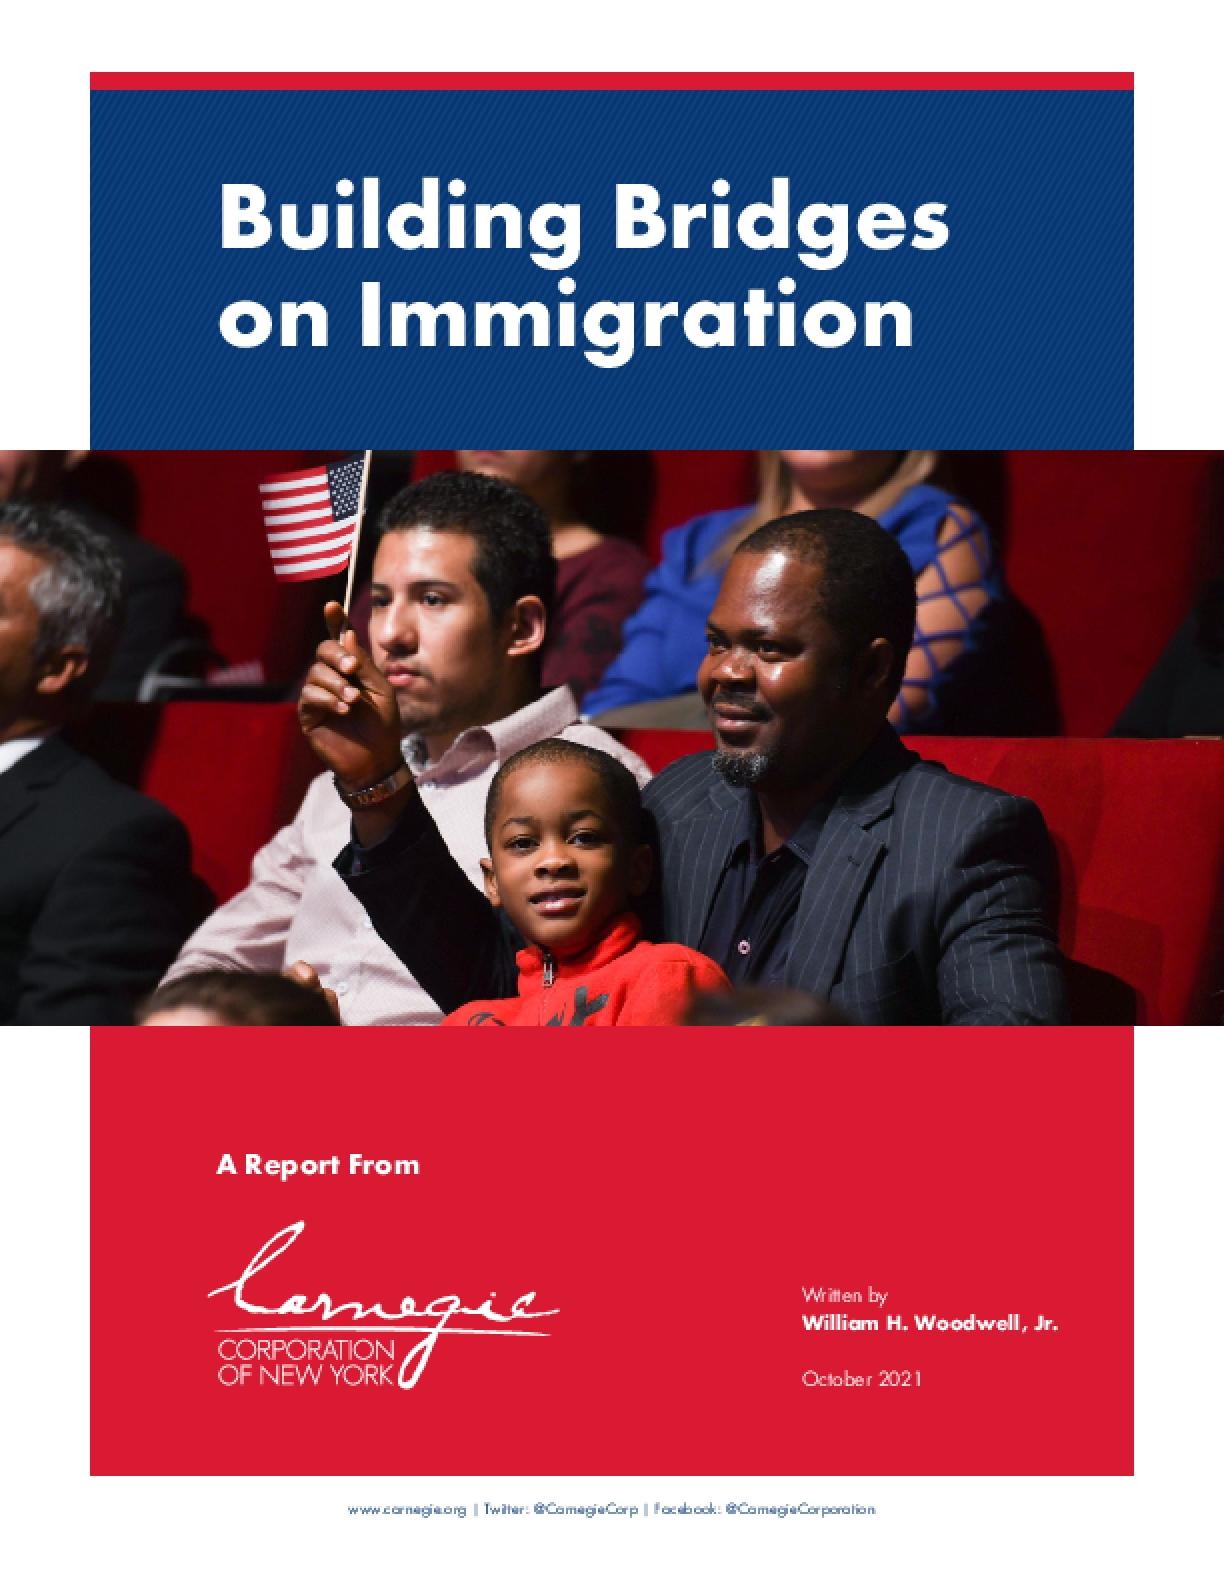 Building Bridges on Immigration